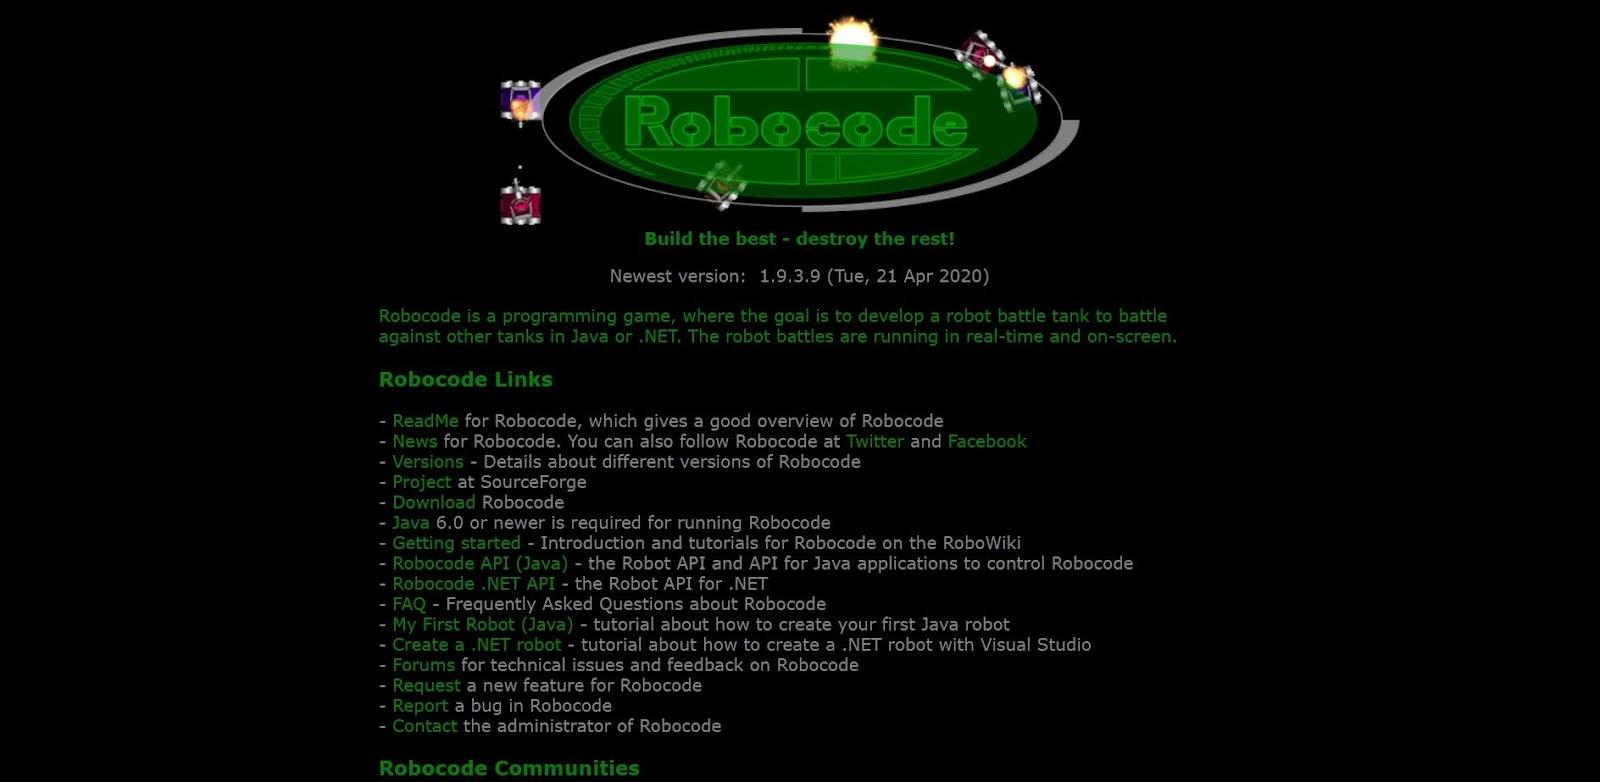 Скриншот онлайн-игры для программистов Robocode